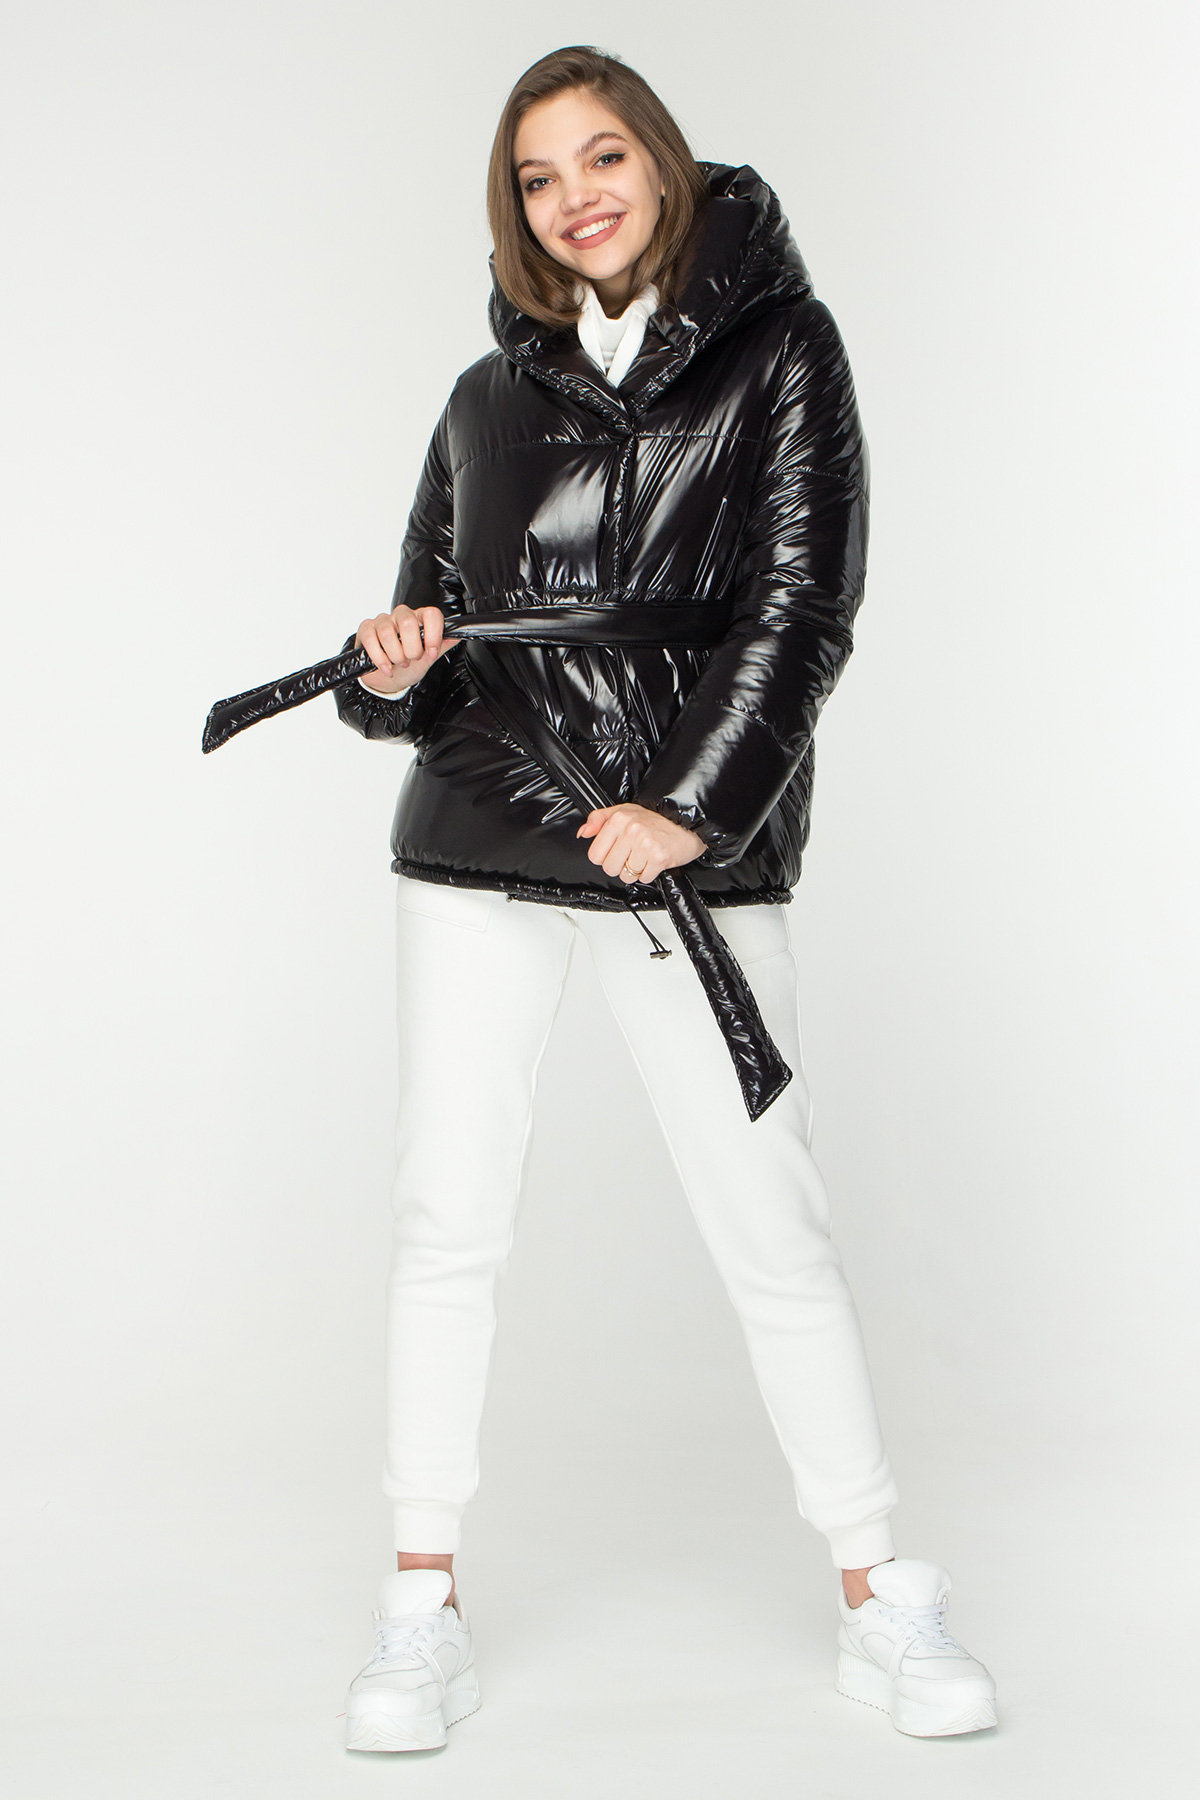 Лаковая куртка пуховик с поясом Бумер 8696 АРТ. 45155 Цвет: Черный - фото 2, интернет магазин tm-modus.ru